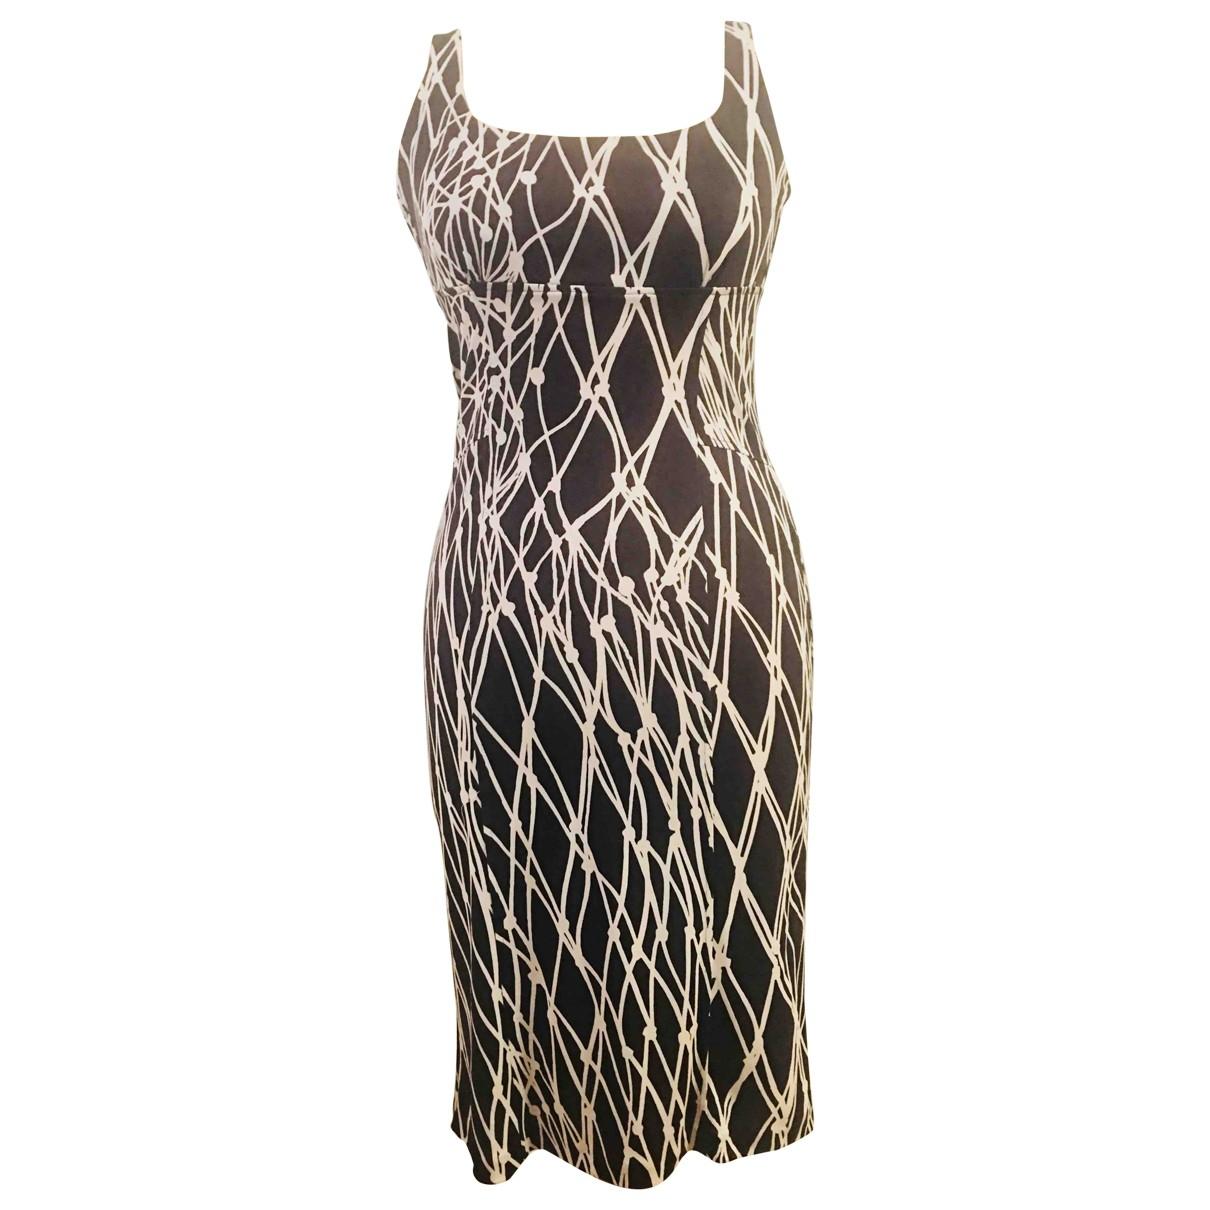 Diane Von Furstenberg \N Brown Silk dress for Women XS International